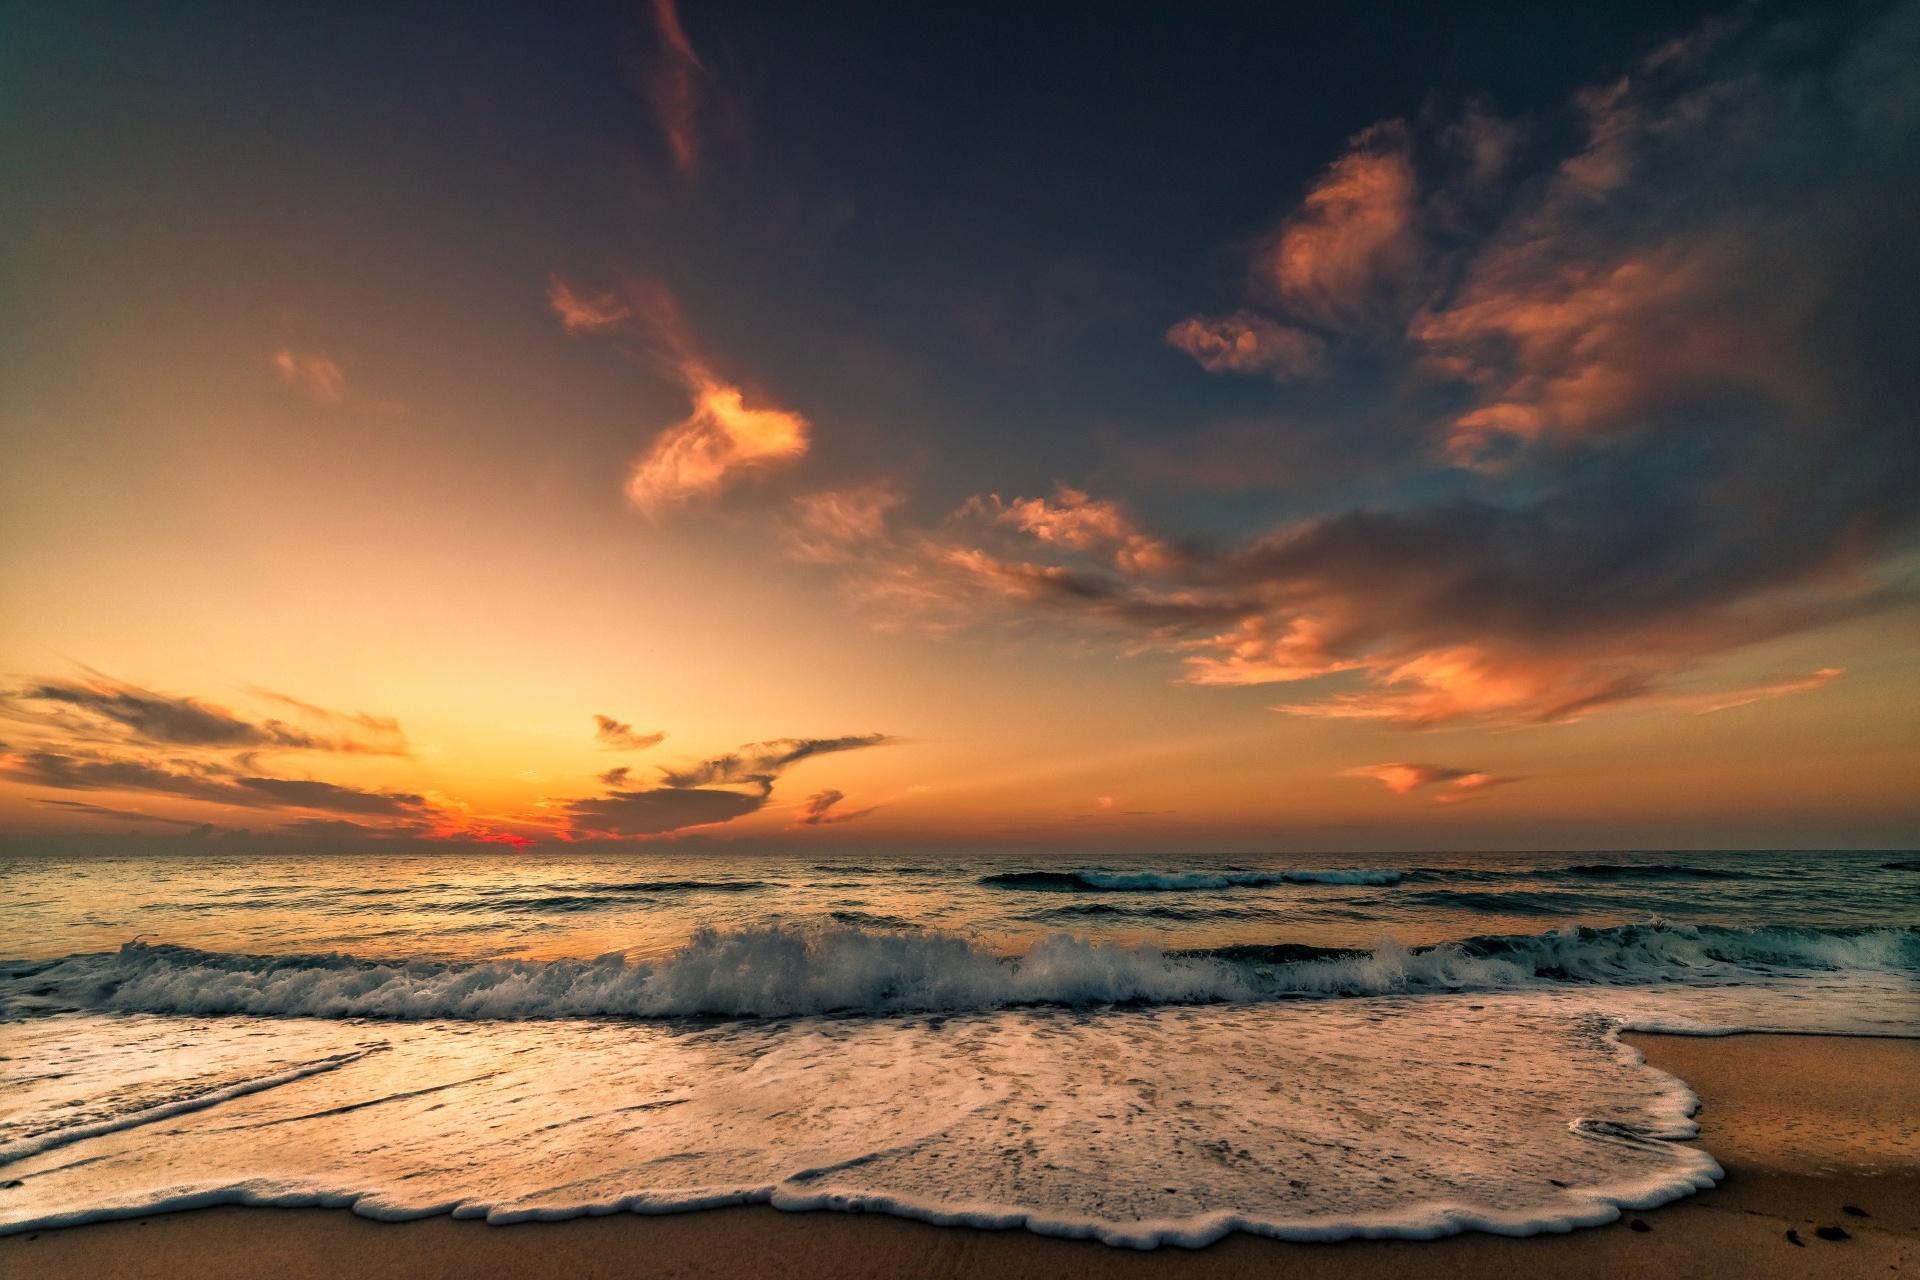 ハンマメットの日の出の風景 チュニジアの風景